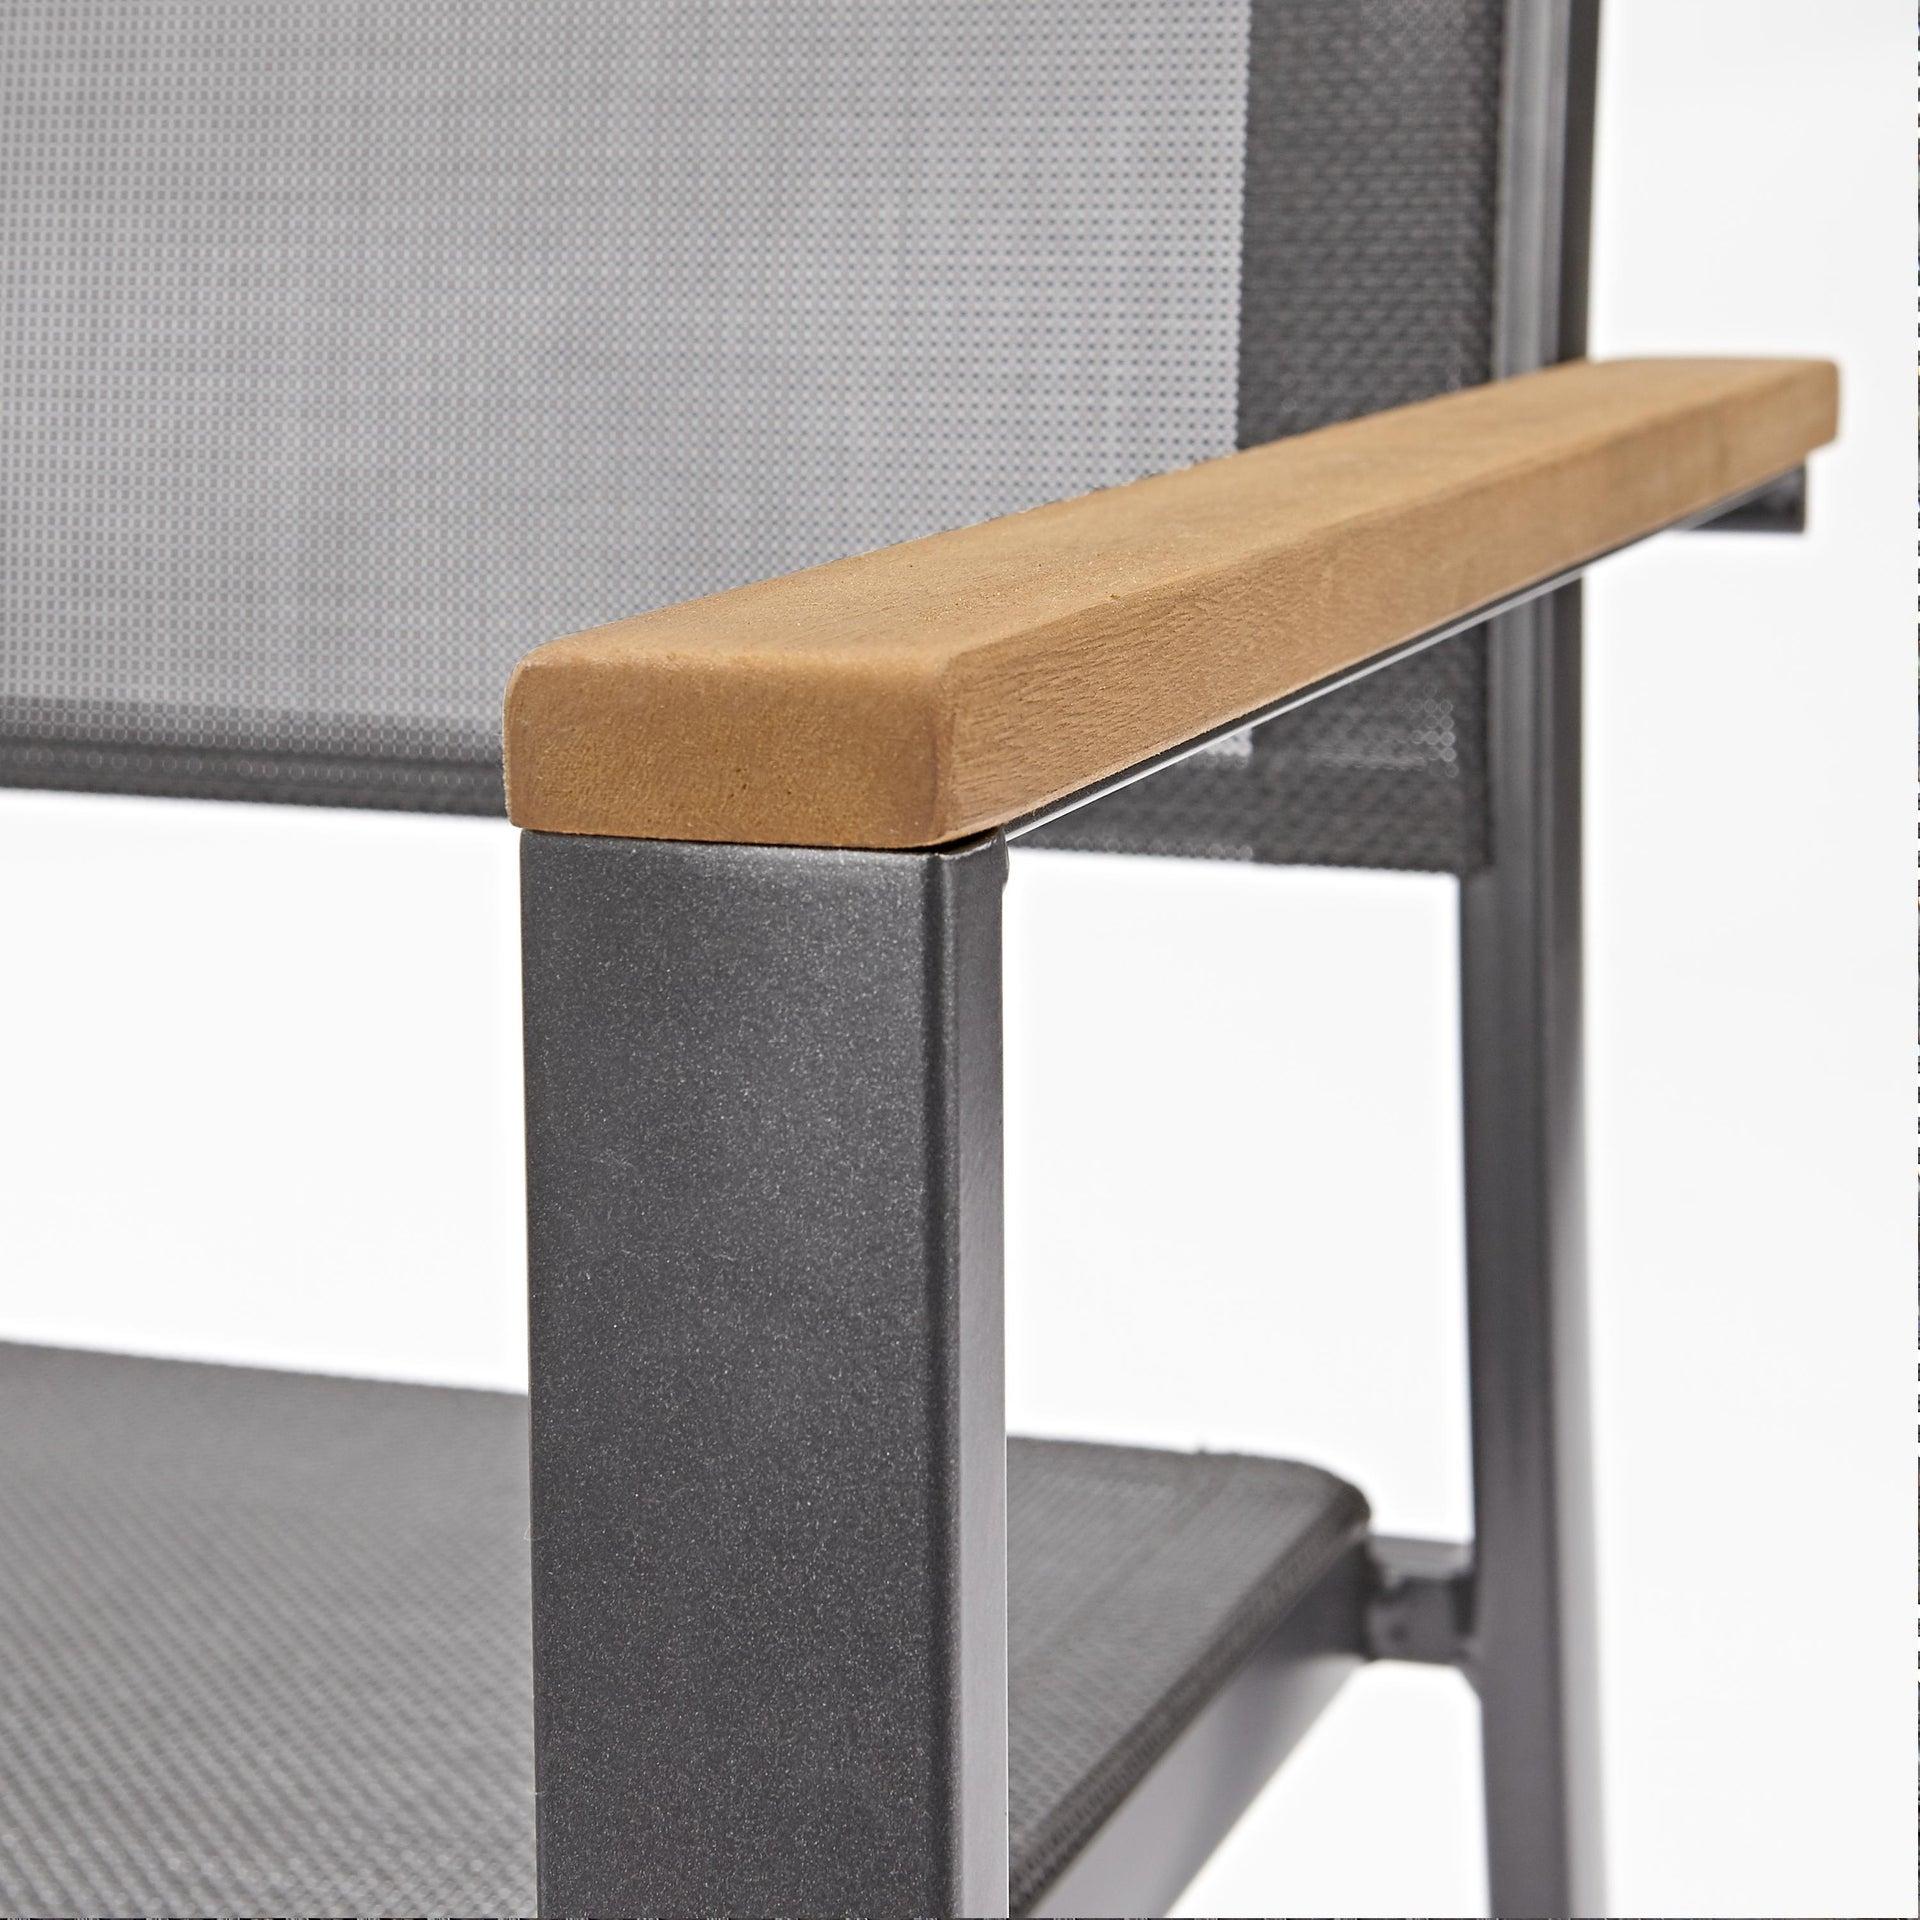 Sedia con braccioli senza cuscino in alluminio Oris NATERIAL colore teak - 11